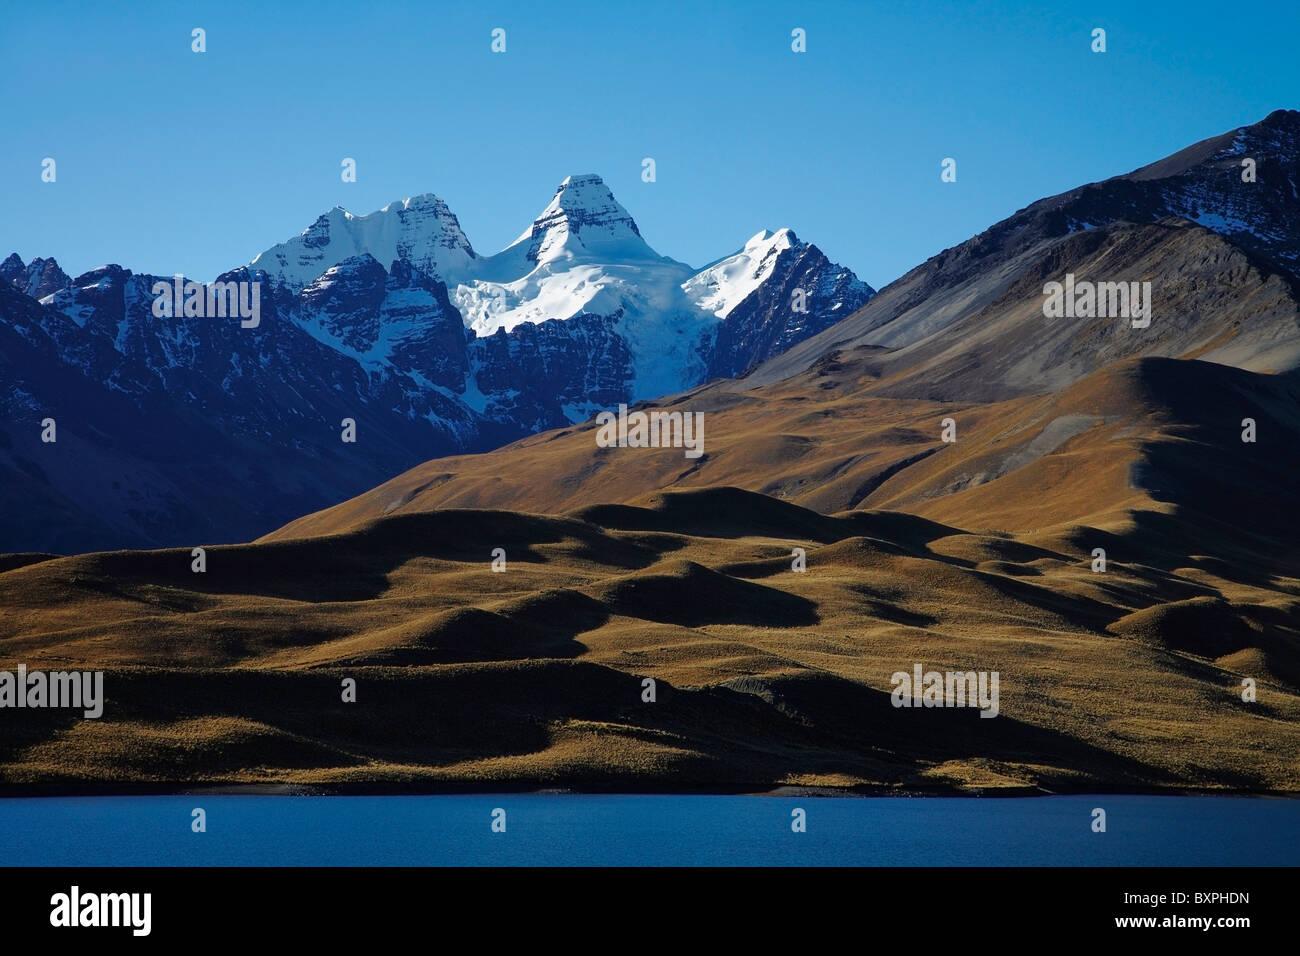 Condorri Peak And Lake - Stock Image